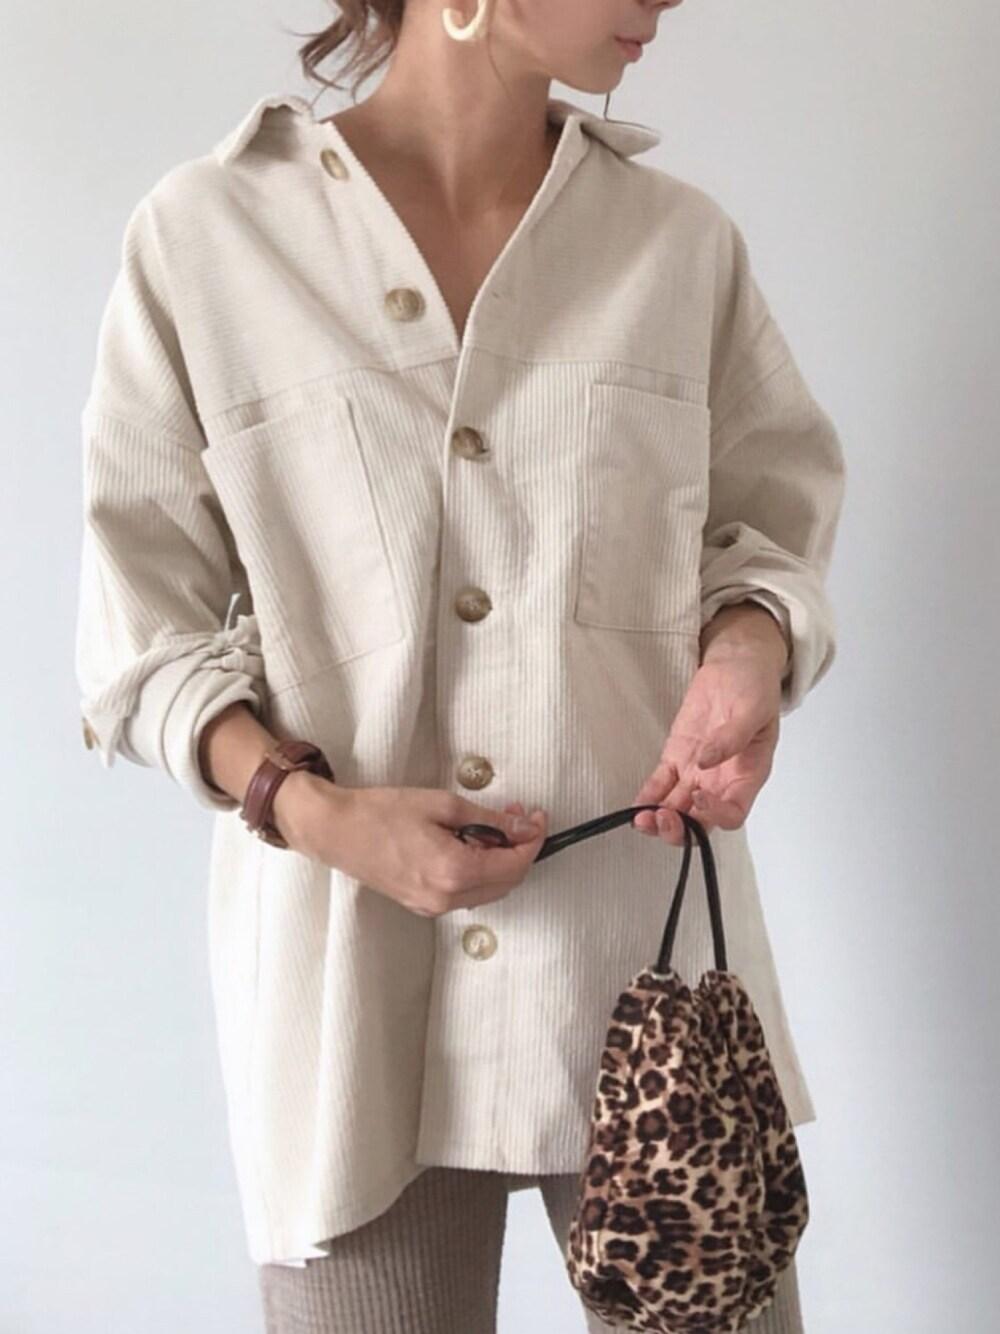 秋ファッション ママコーデ ベージュ シャツ レオパードバッグ